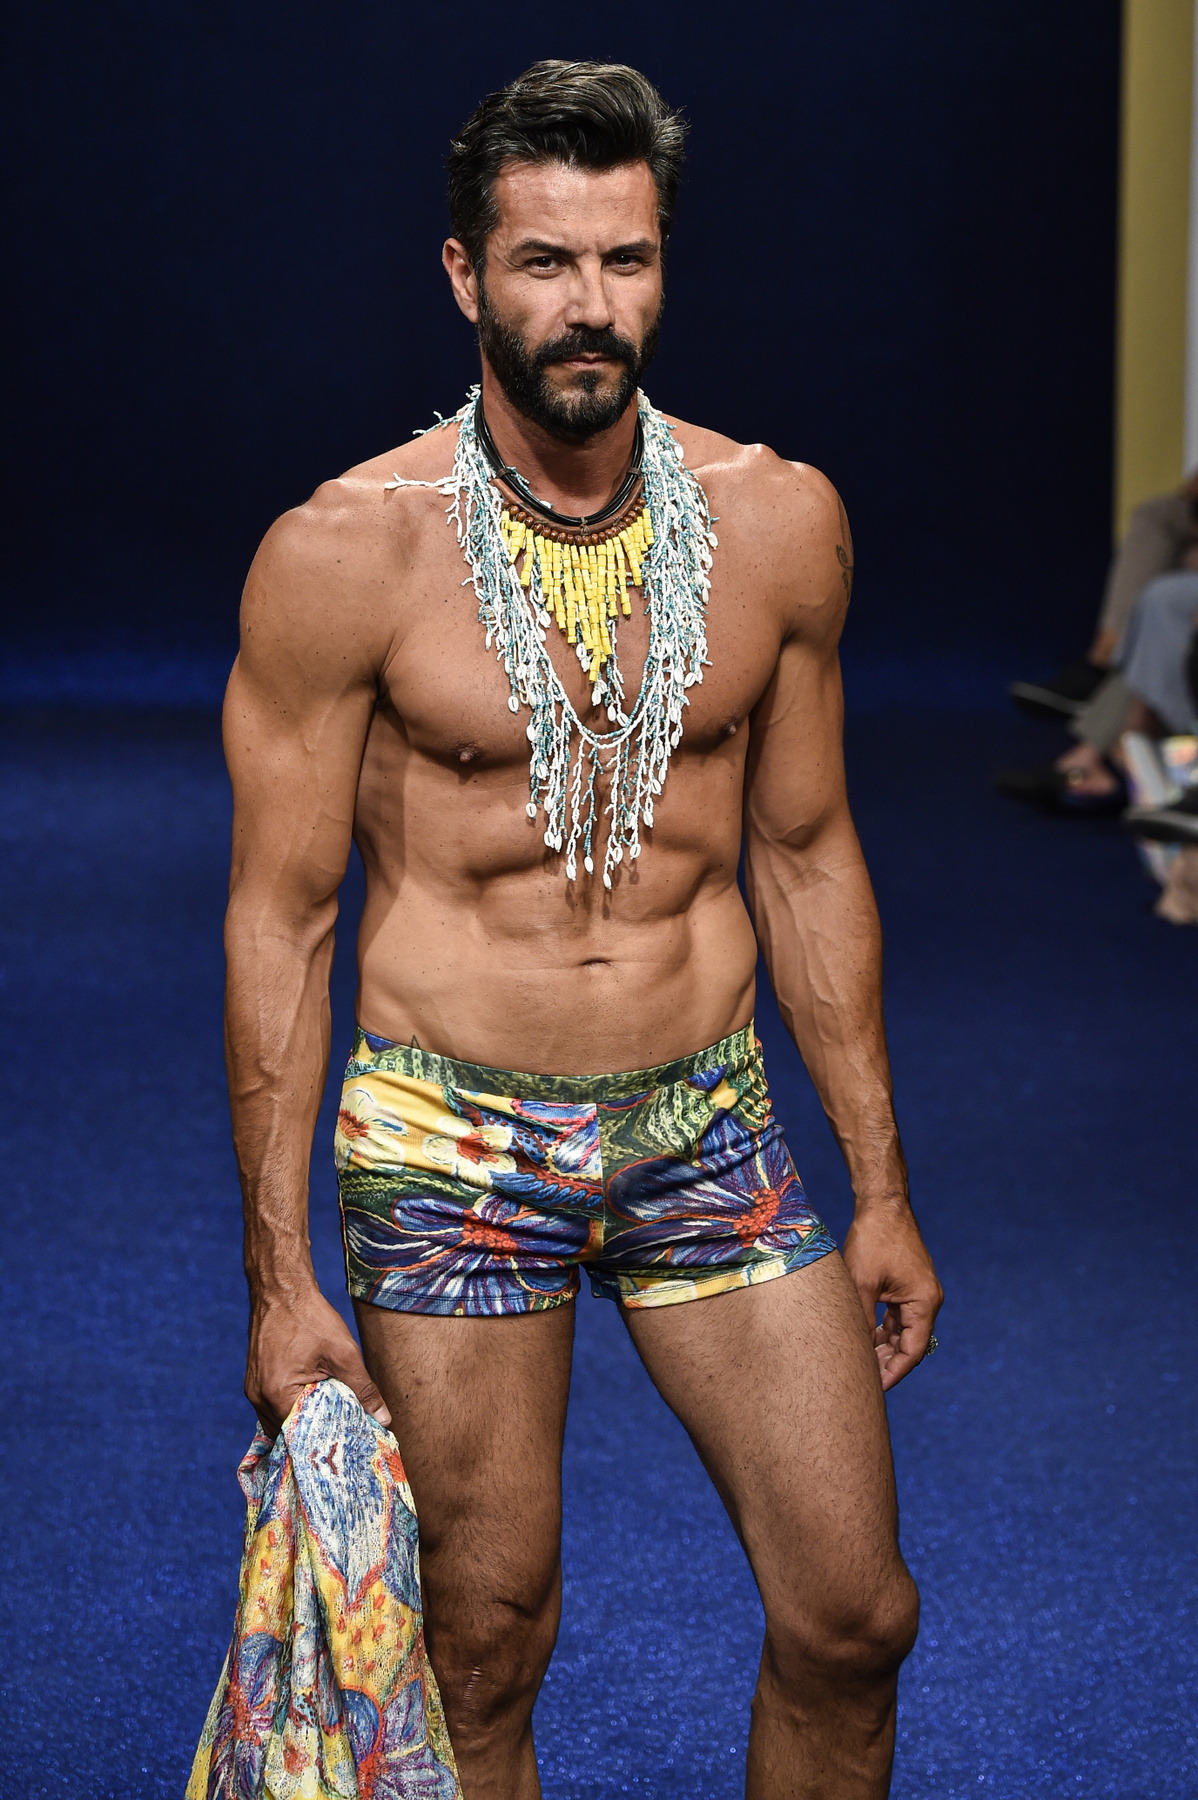 A Cevibi, az Ella by Fiorella és a Fitin Homme - Ubk Company Co. divatbemutatóin is ugyanazt a két gyűrűt viselte ez a férfi az úszónadrágokhoz.